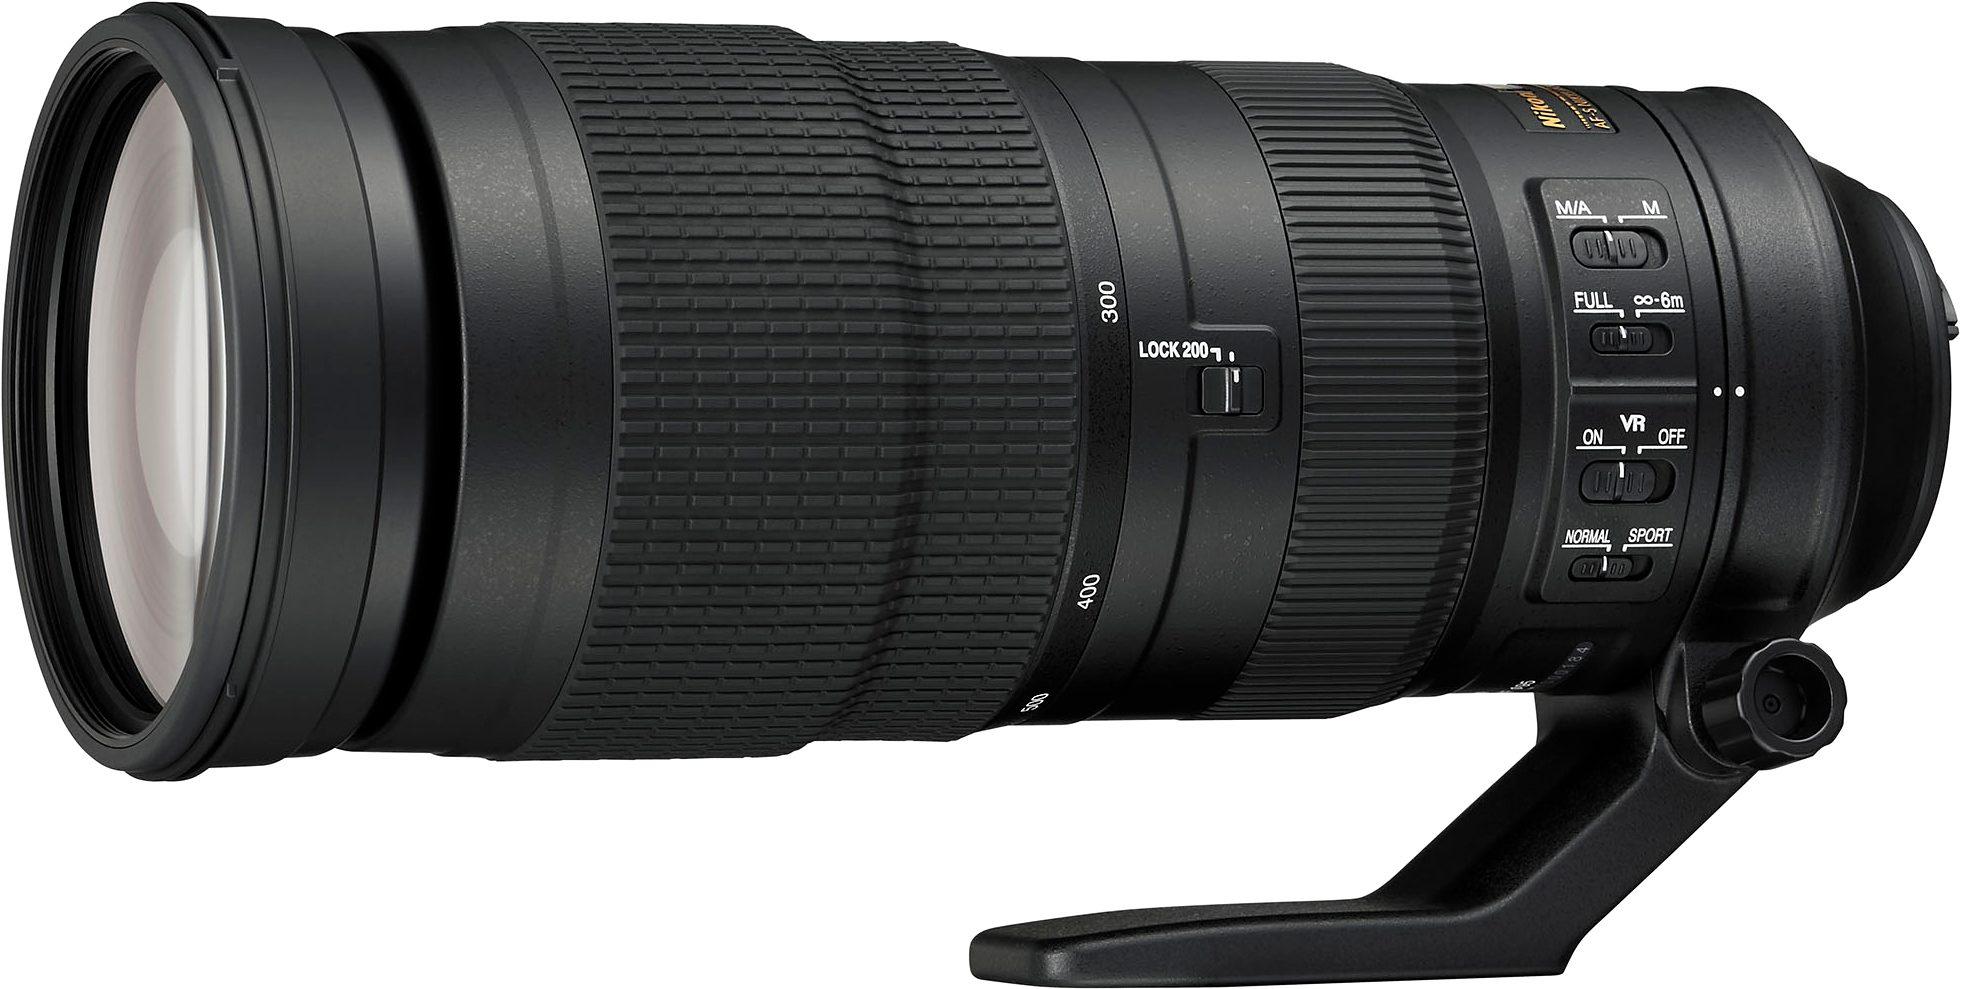 Nikon AF-S NIKKOR 200-500mm 1:5.6E ED VR Supertele Objektiv